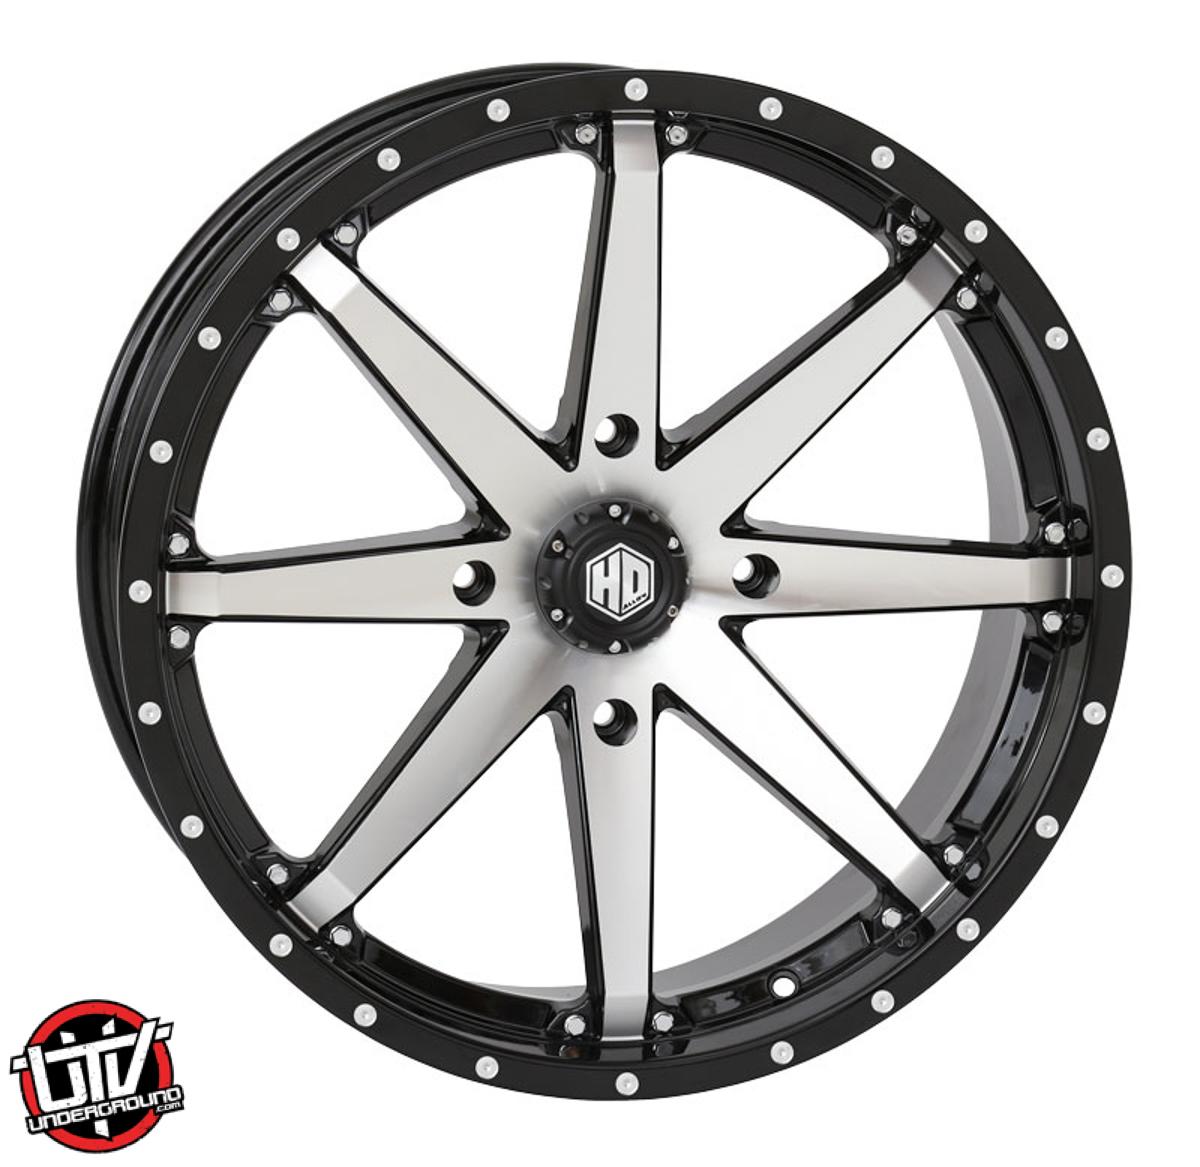 STI HD10 Wheels